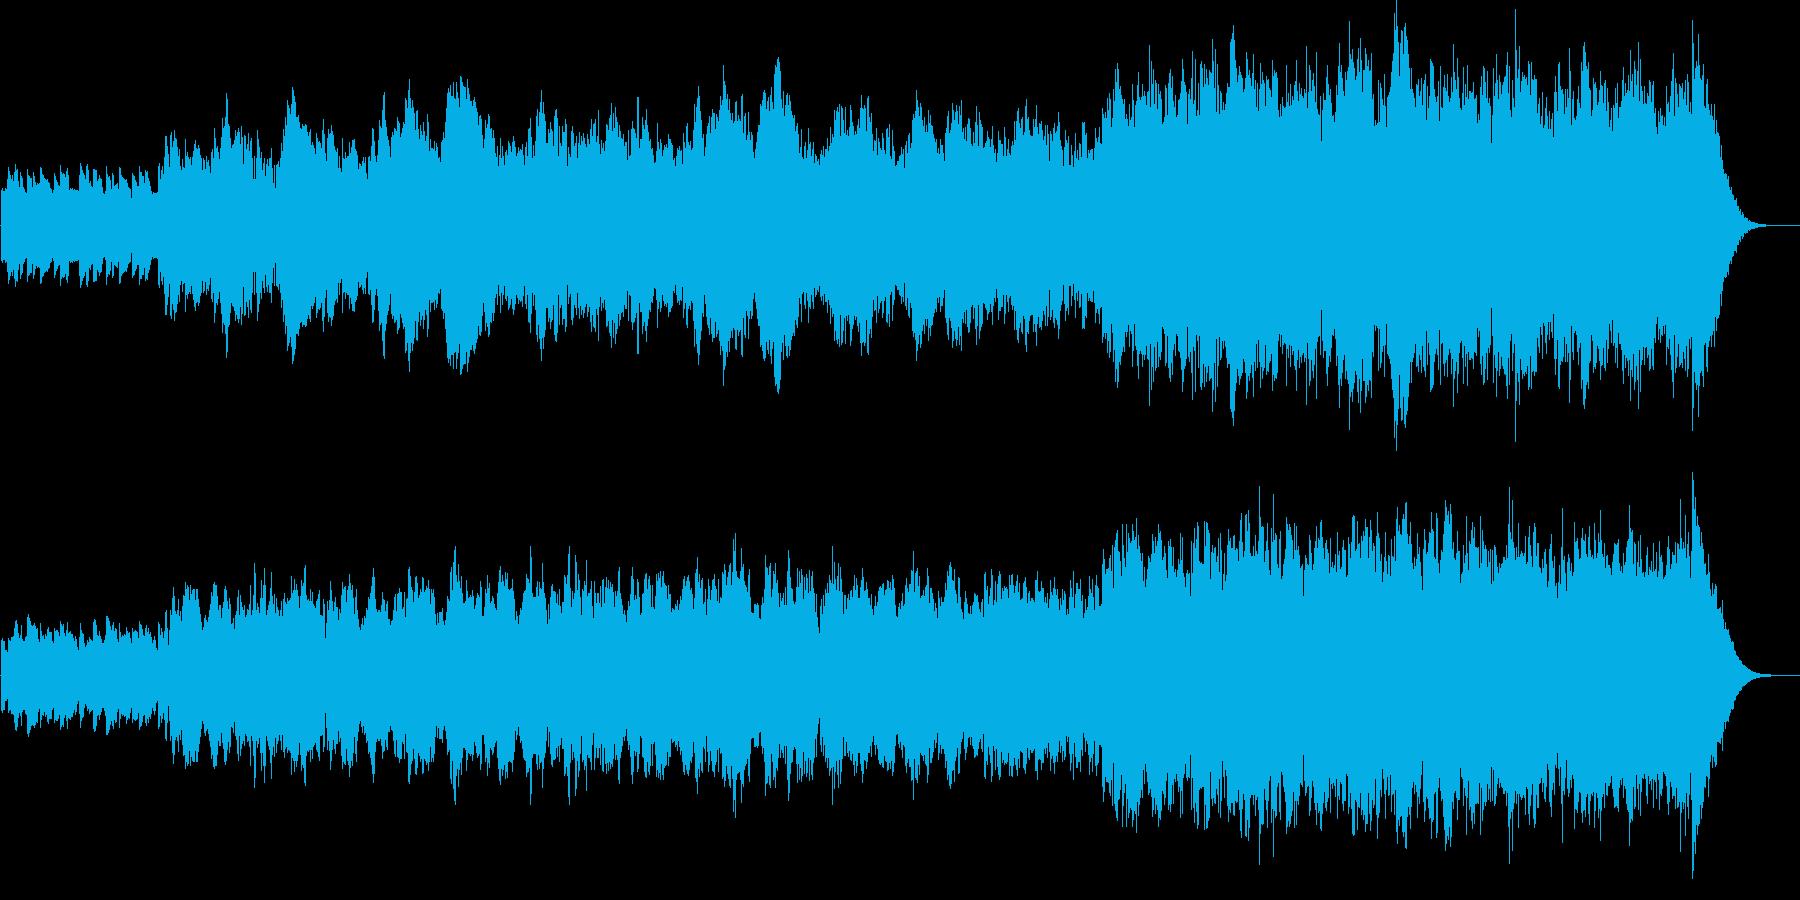 チェロとハープの不思議で幻想的な曲の再生済みの波形